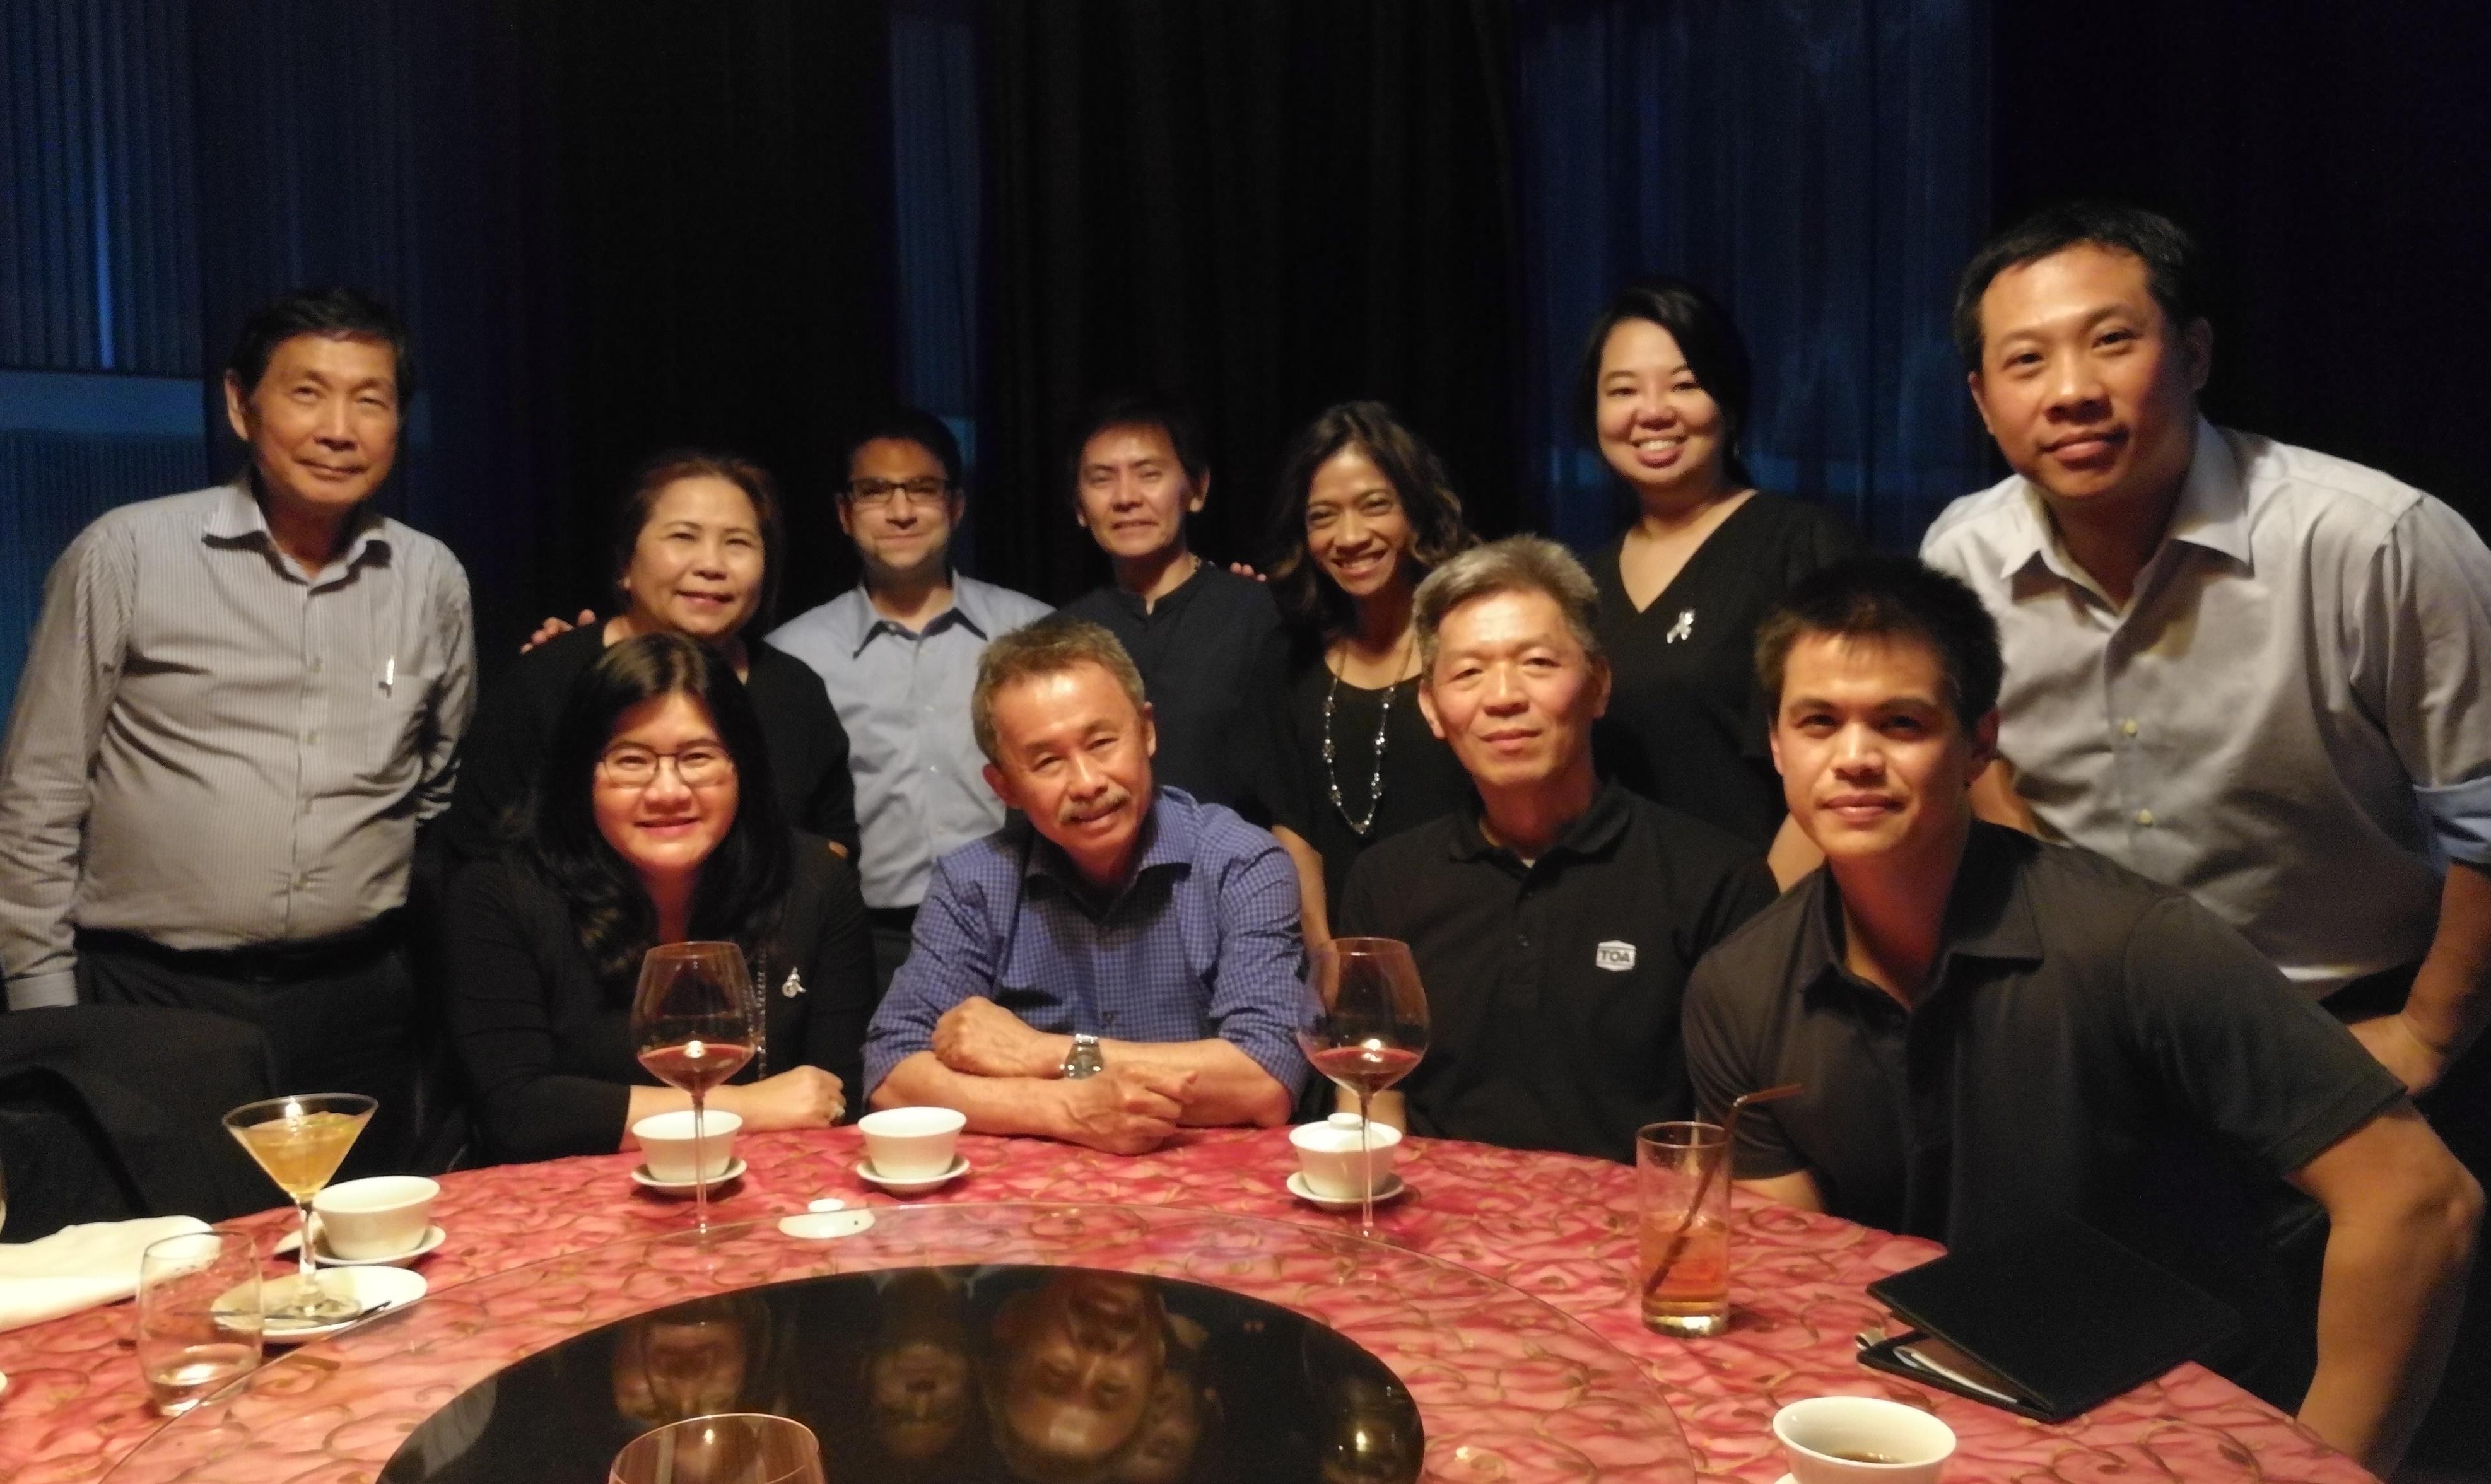 ในเดือน พฤษภาคม 2560 ที่ผ่านมานี้ มิสเตอร์ เชน พอร์ชิโอ รองประธานฝ่ายบริหาร บริษัท บี เอ เอส เอฟ คอร์เปอเรชั่น (BASF Corp.) และ มิสเตอร์ เจสัน แลม ได้เดินทางมาเยือนประเทศไทย พร้อมทั้งได้ร่วมรับประทานอาหารกับ บริษัท ผู้ผลิตสีรายหลักของประเทศไทย